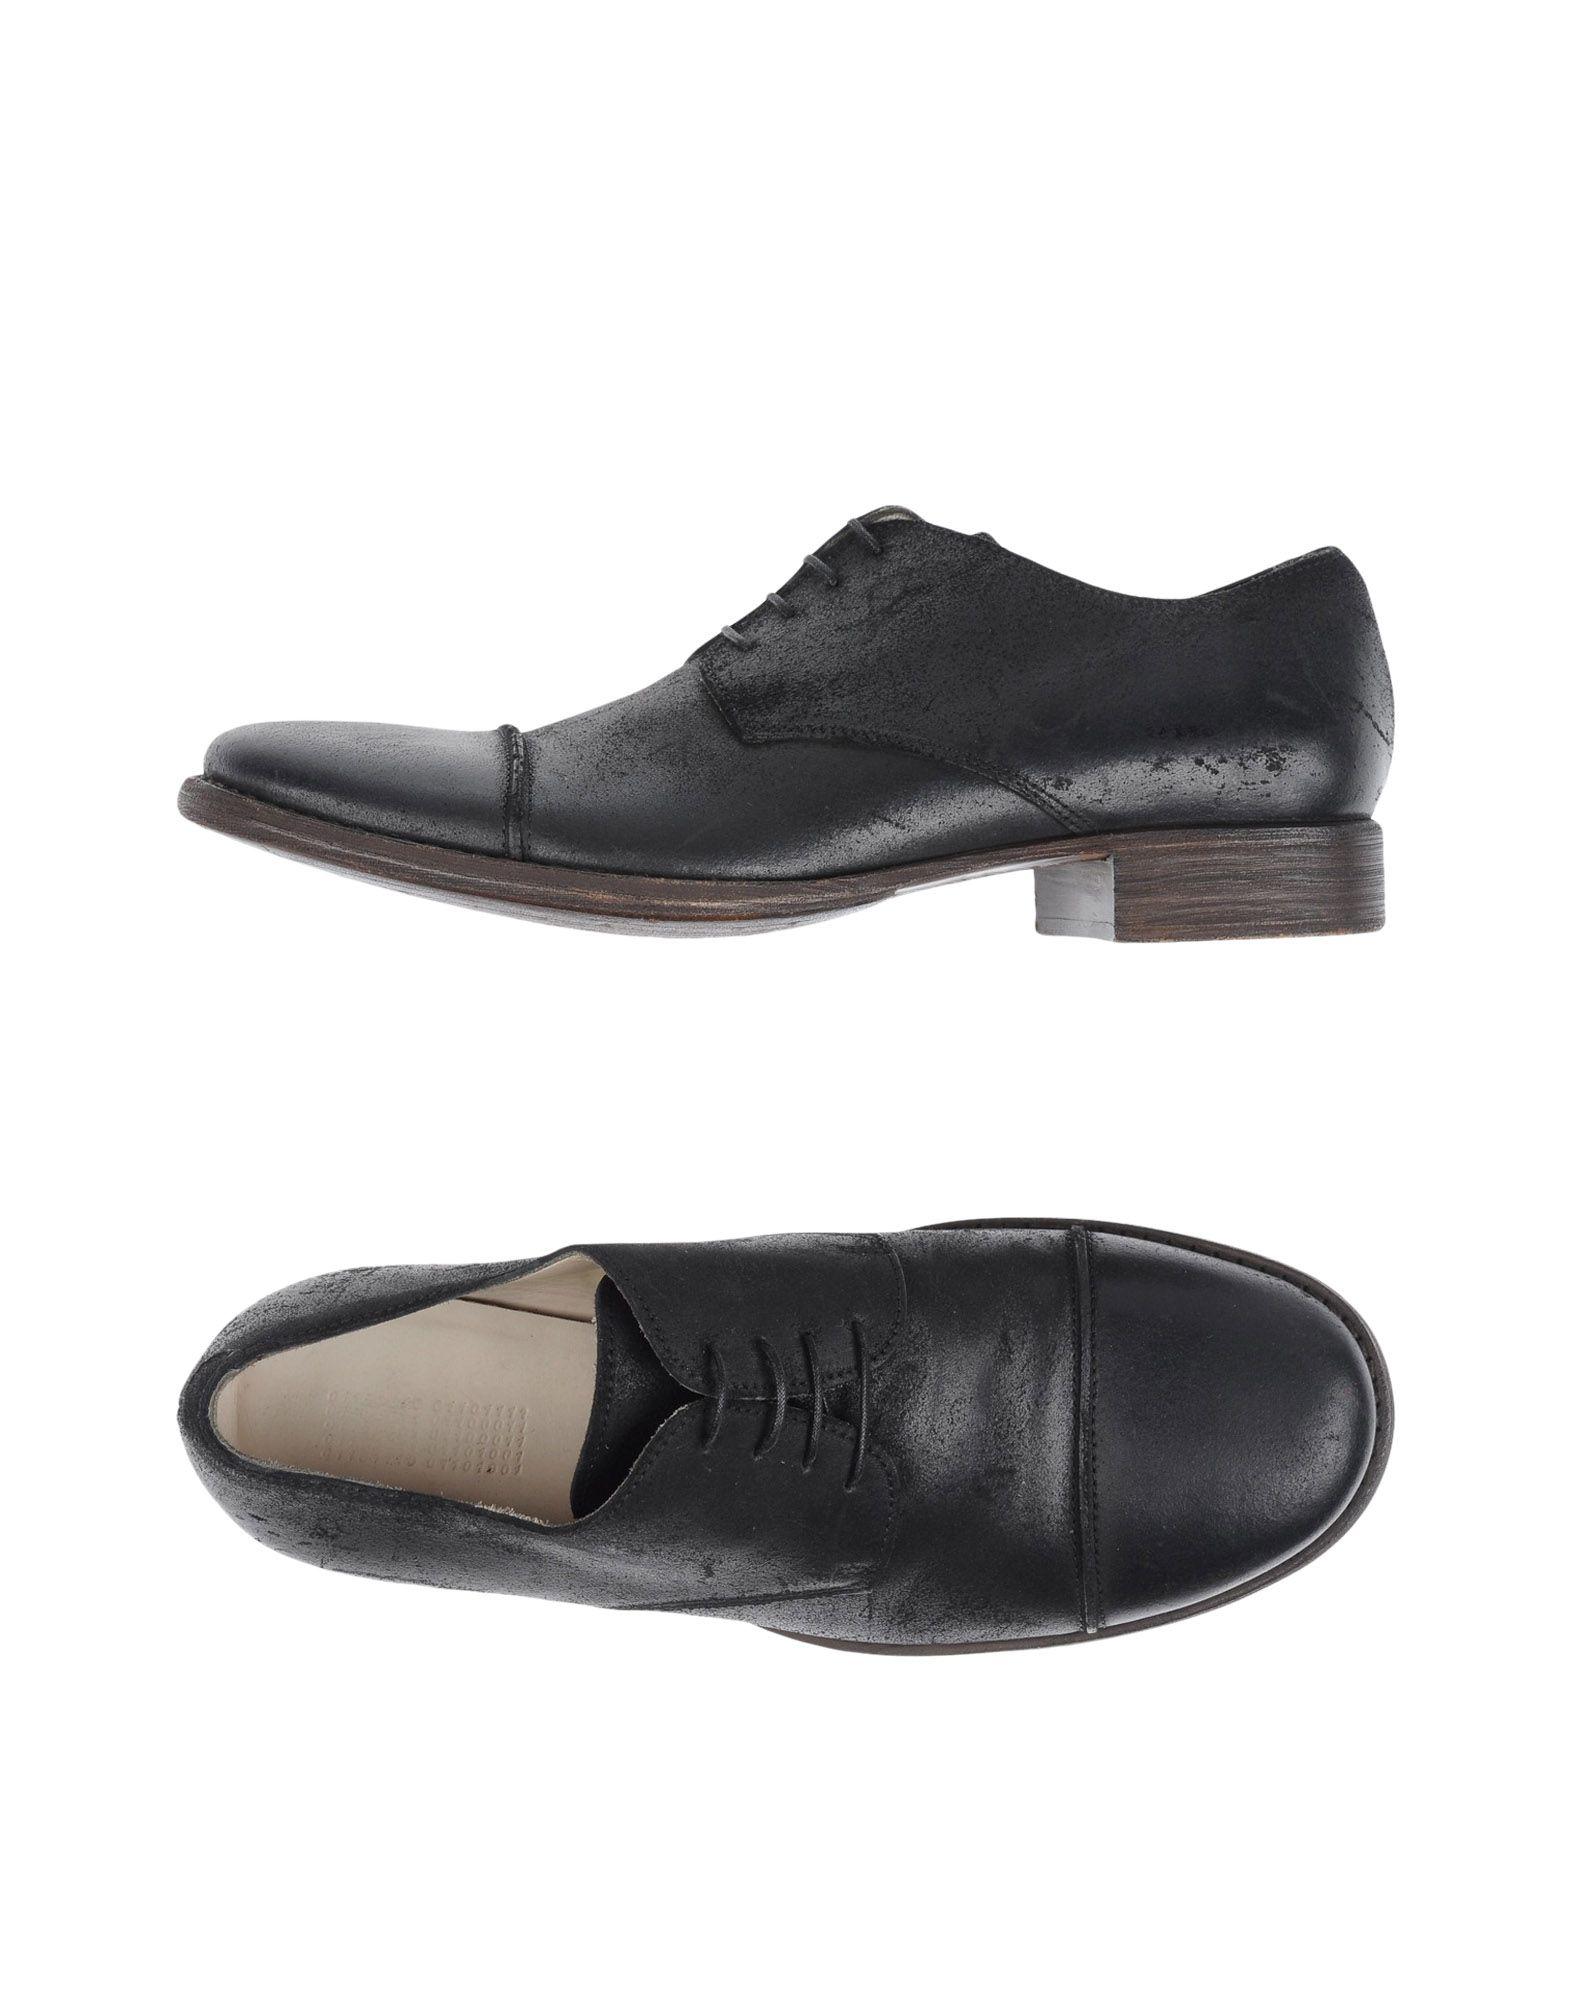 01000010 By Boccaccini Schnürschuhe Herren  11244400DG Gute Qualität beliebte Schuhe